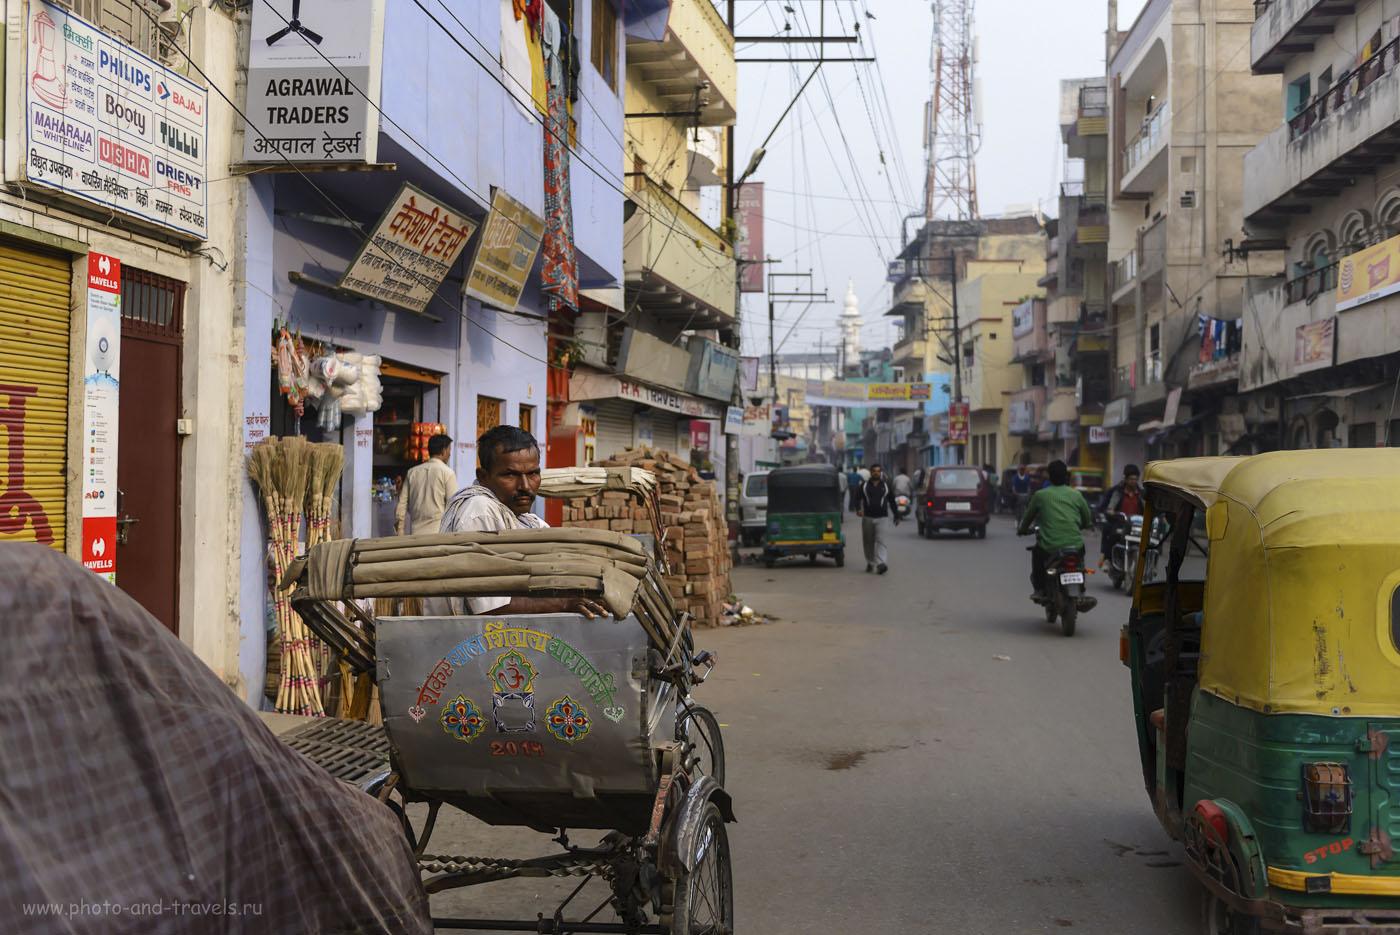 Фотография 9. Трудной пройти по Бенаресу, оставаясь незаметным для местных рикш. 1/1600, -0.33, 2.8, 250, 36.